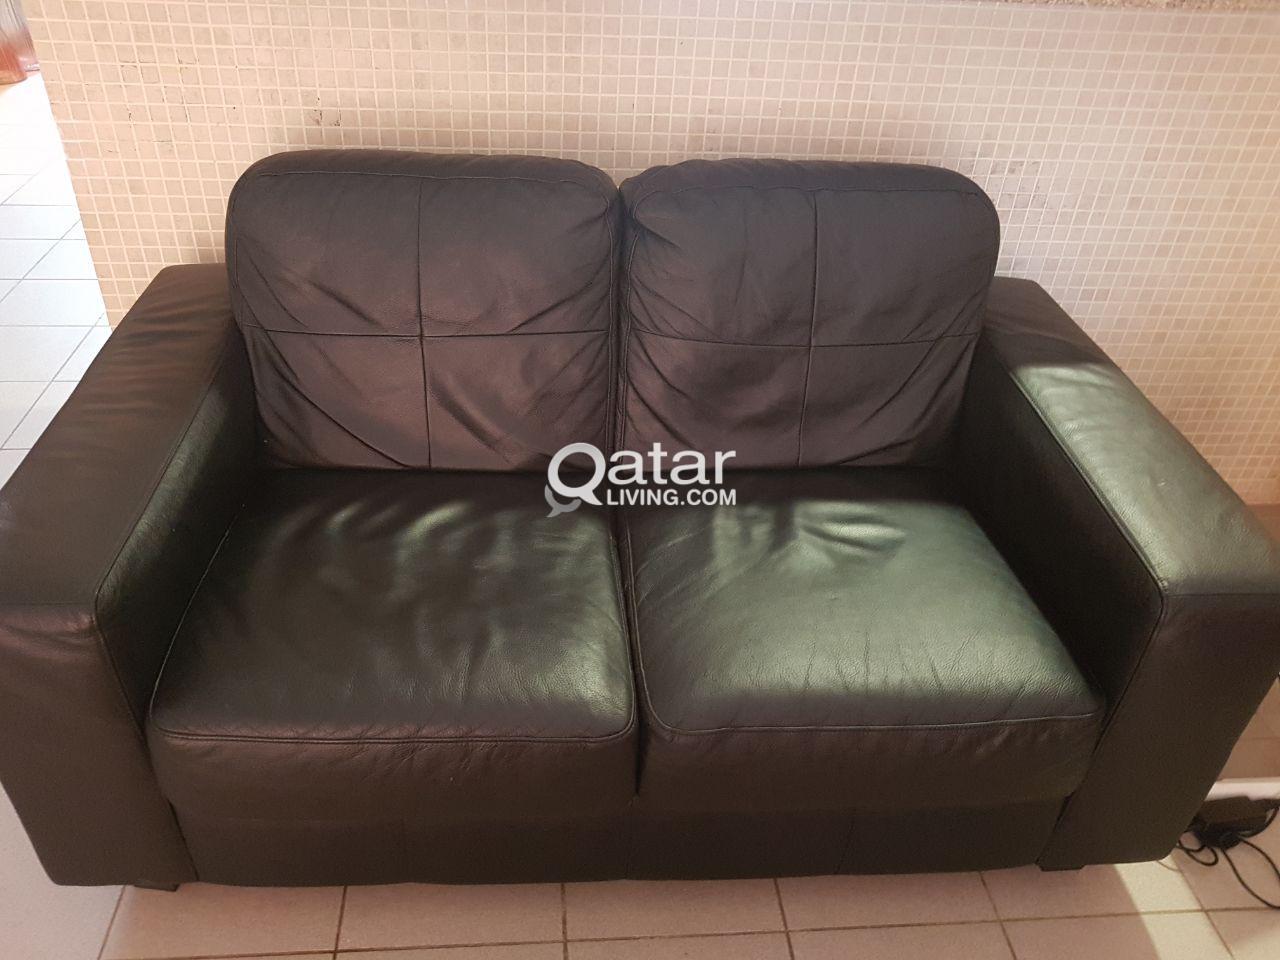 2 seater leather sofa - ikea | Qatar Living